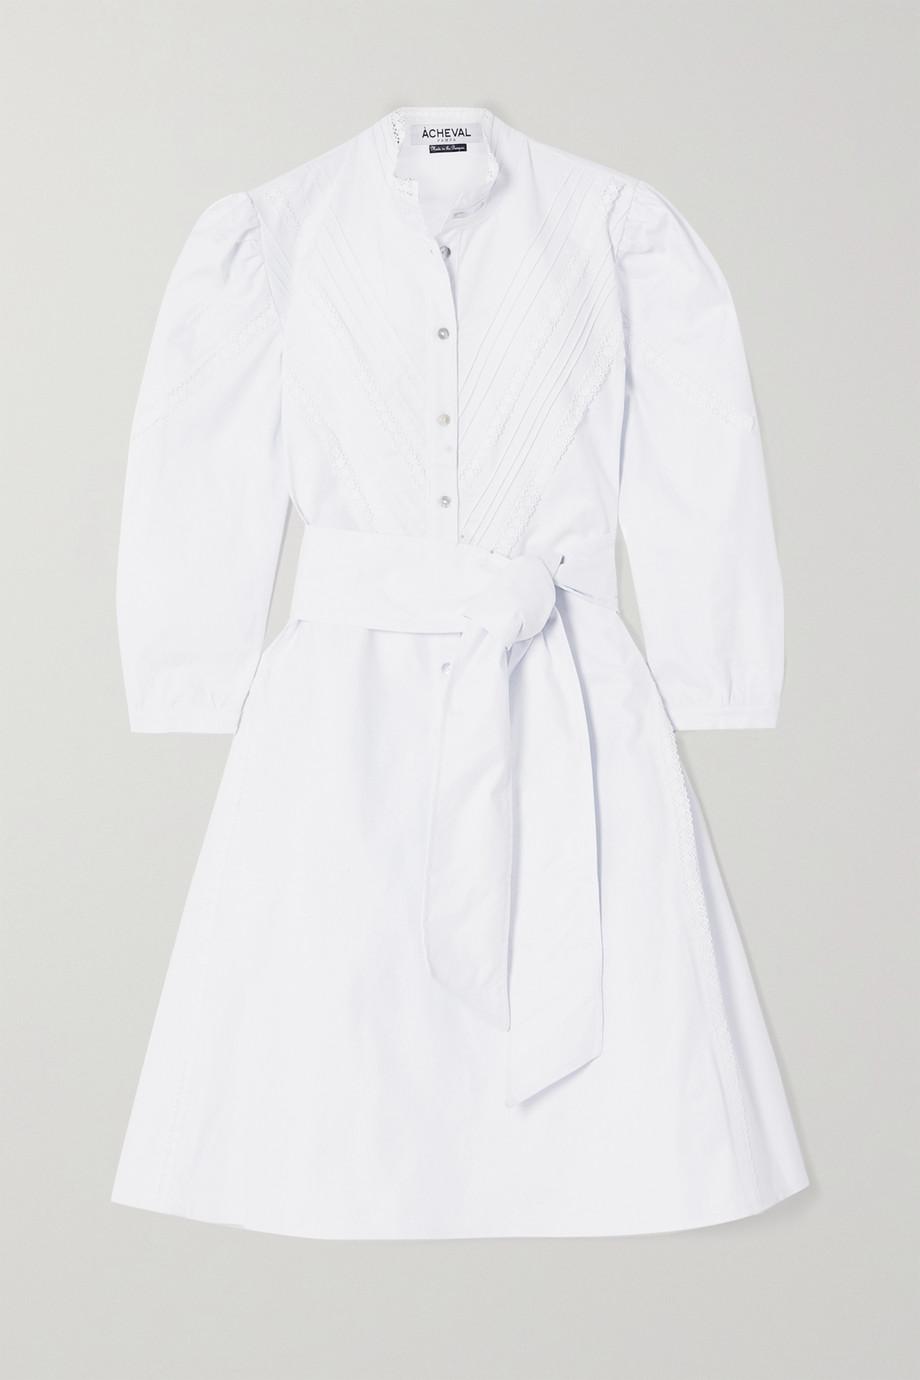 Àcheval Pampa Robe en popeline de coton mélangé à finitions en dentelle crochetée et à ceinture Yegua